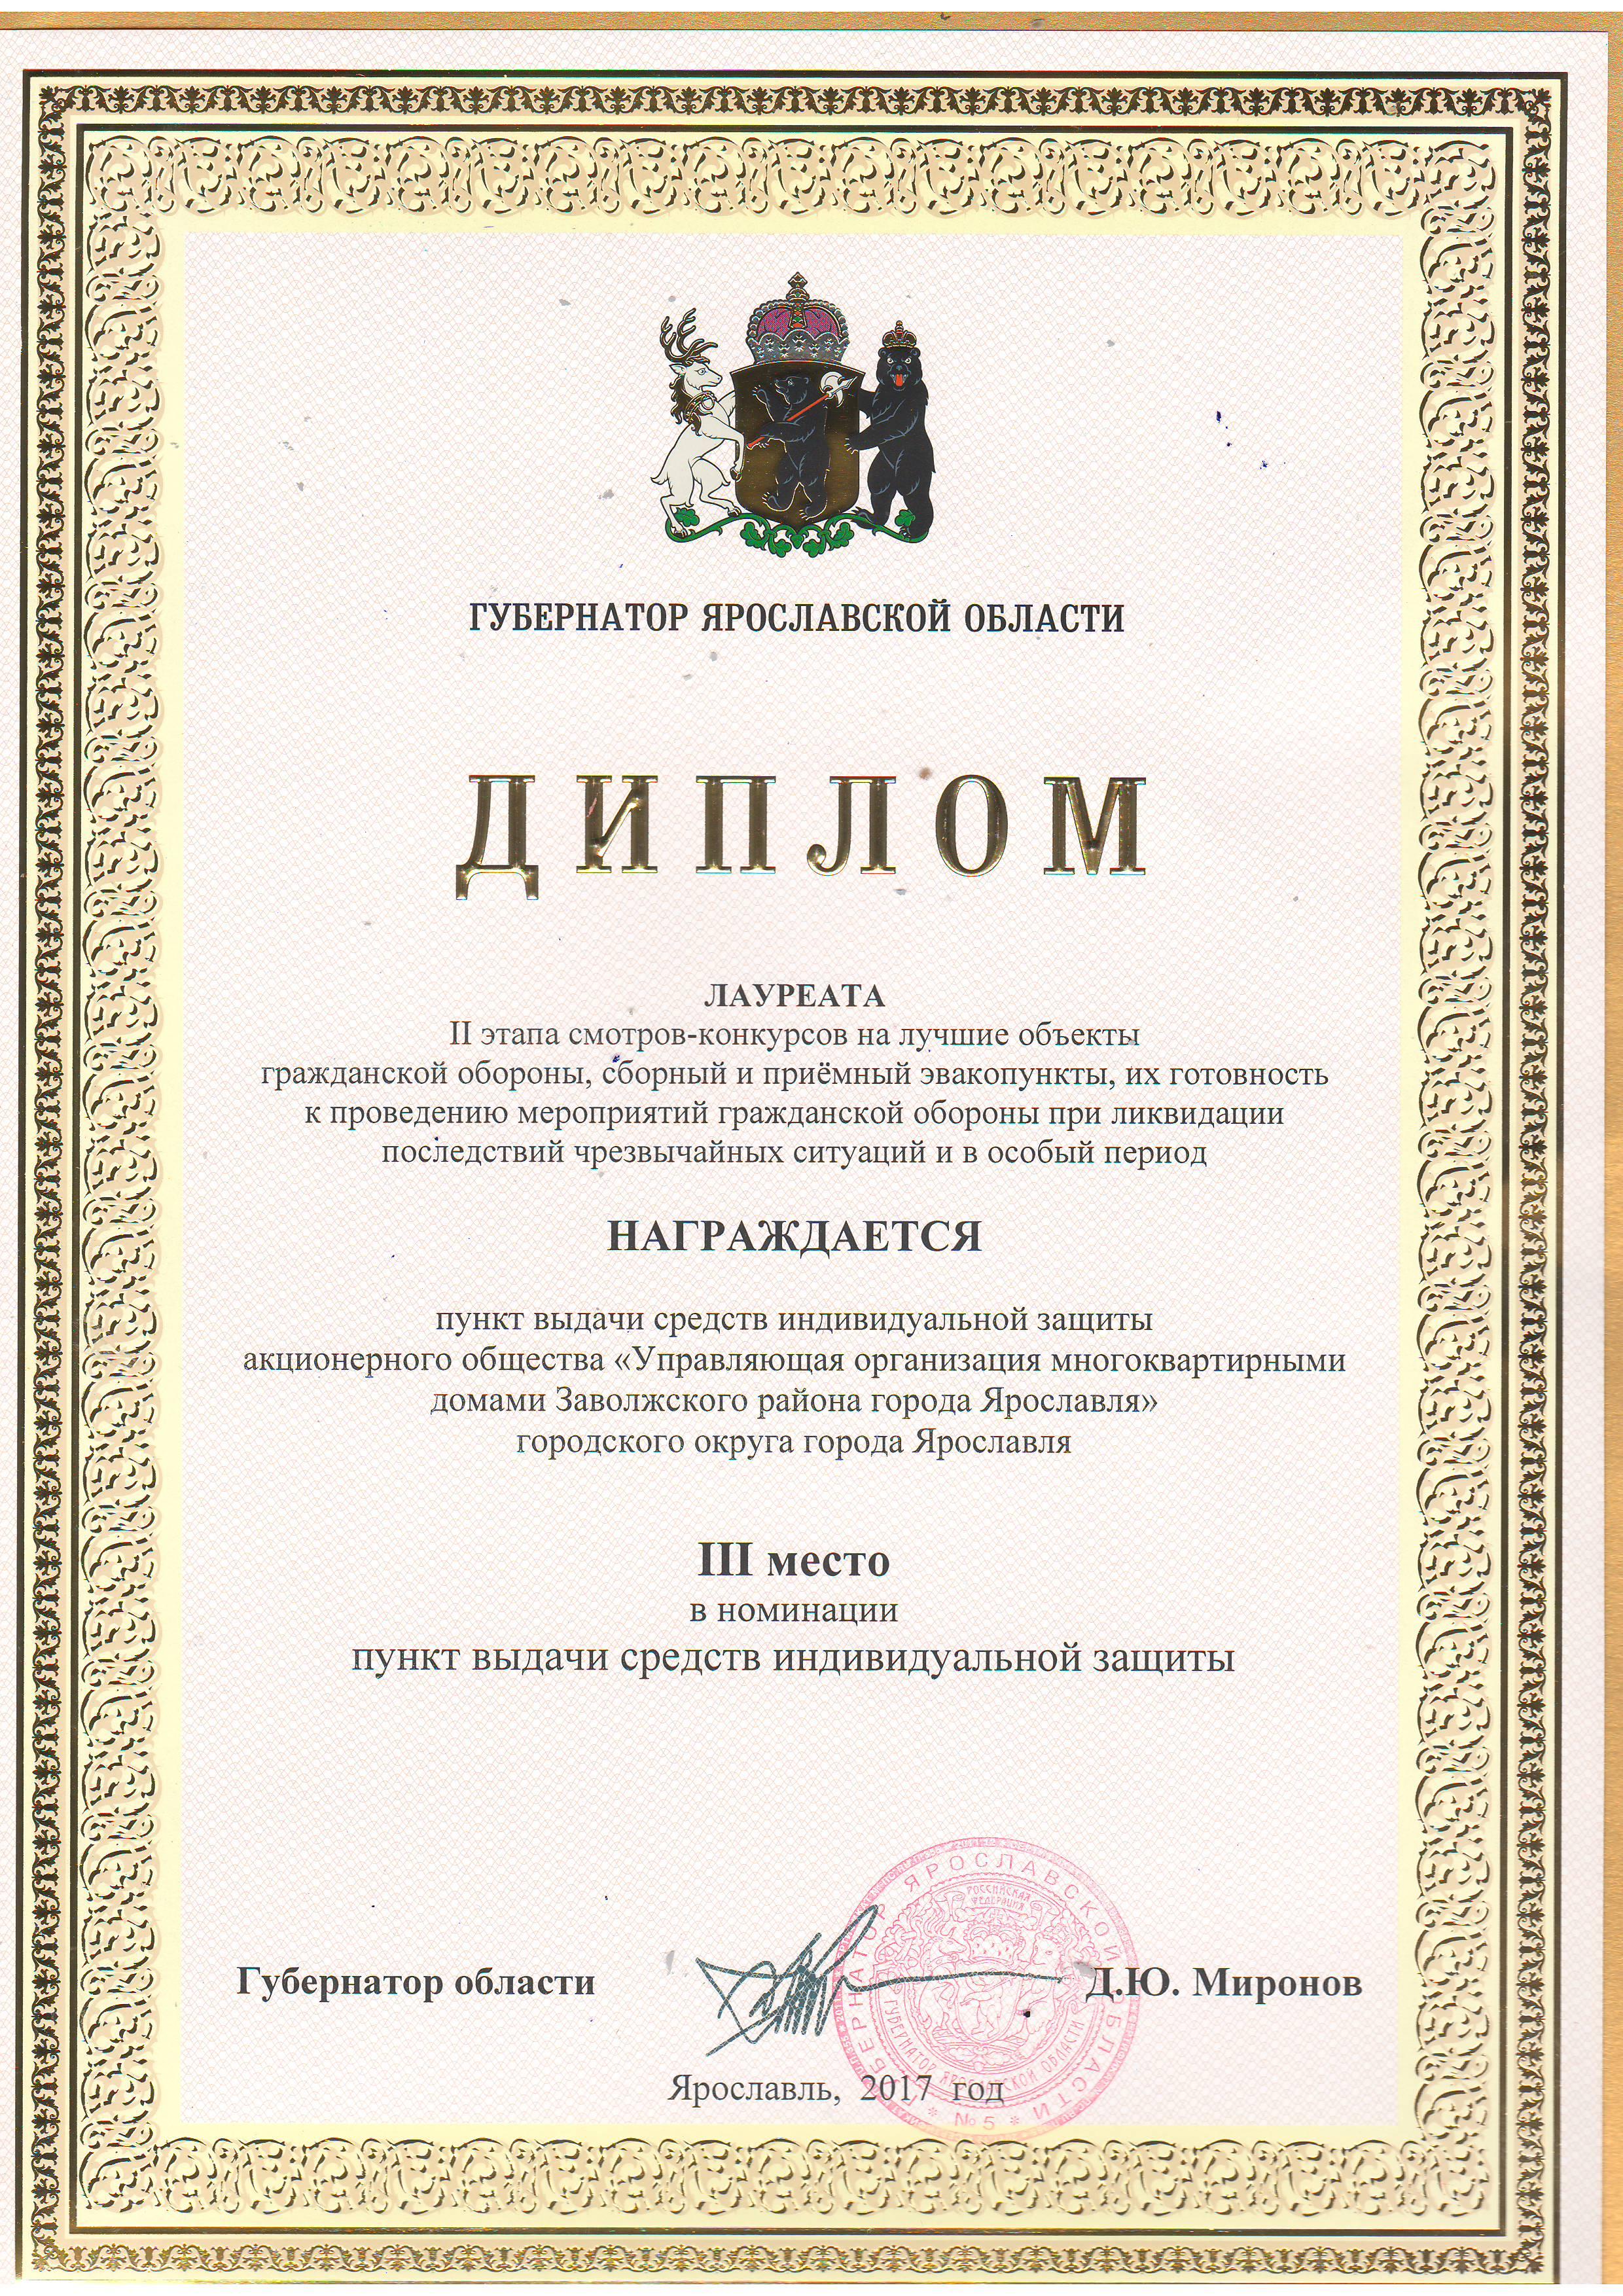 АО Управдом Заволжского района  Диплом губернатора